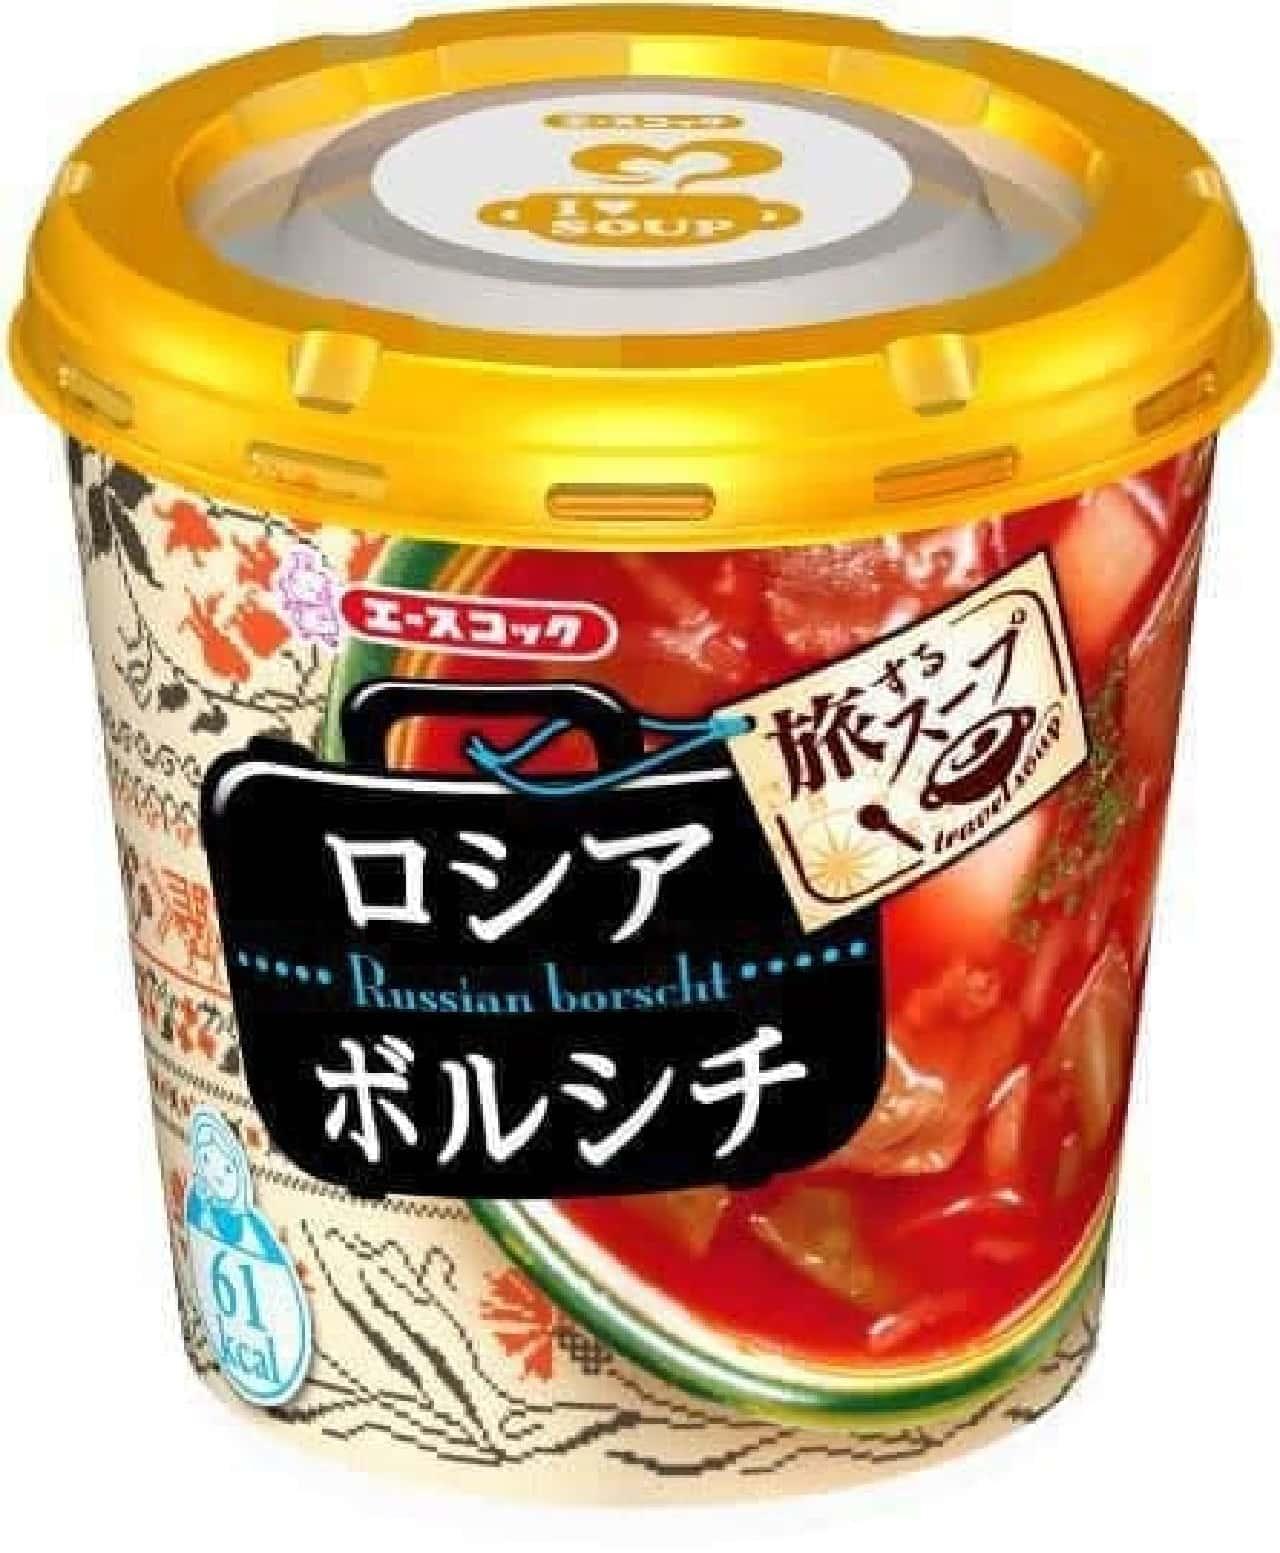 エースコックの新ブランド「旅するスープ」から、ボルシチが発売!